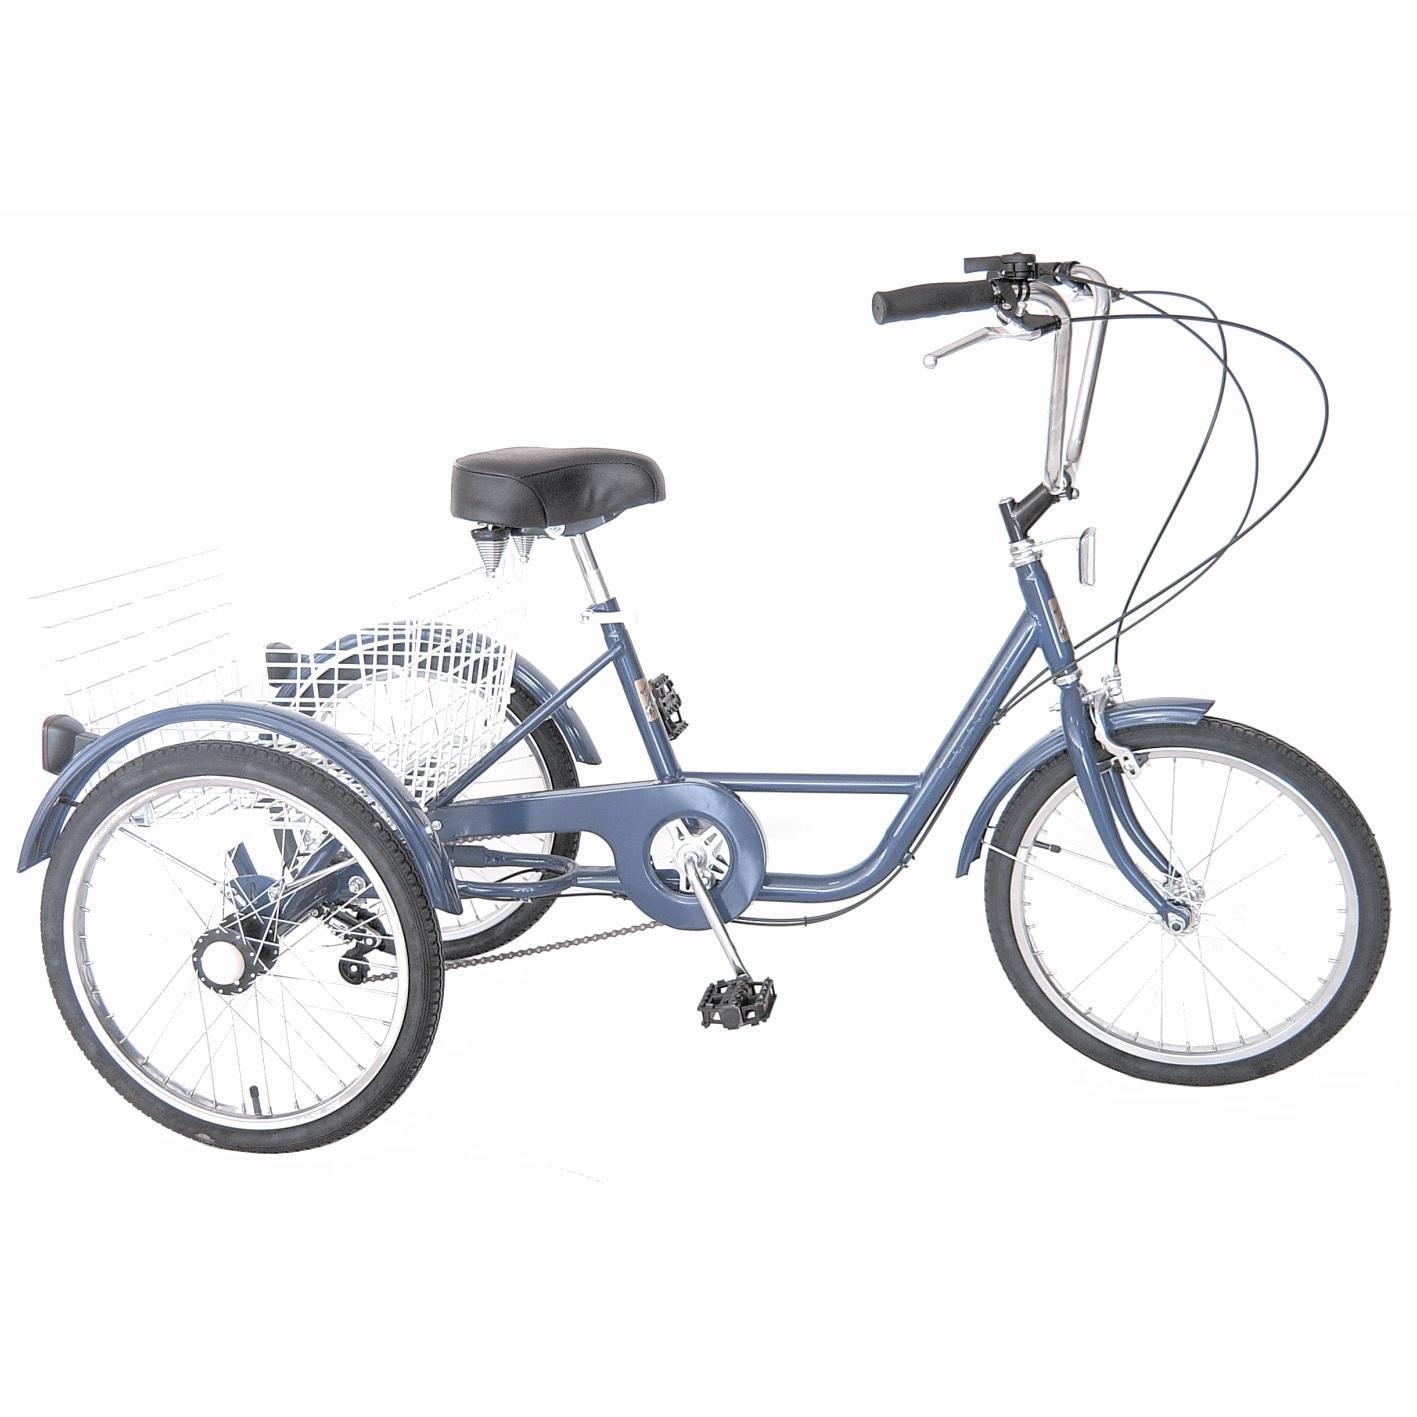 Triciclo 5 velociades